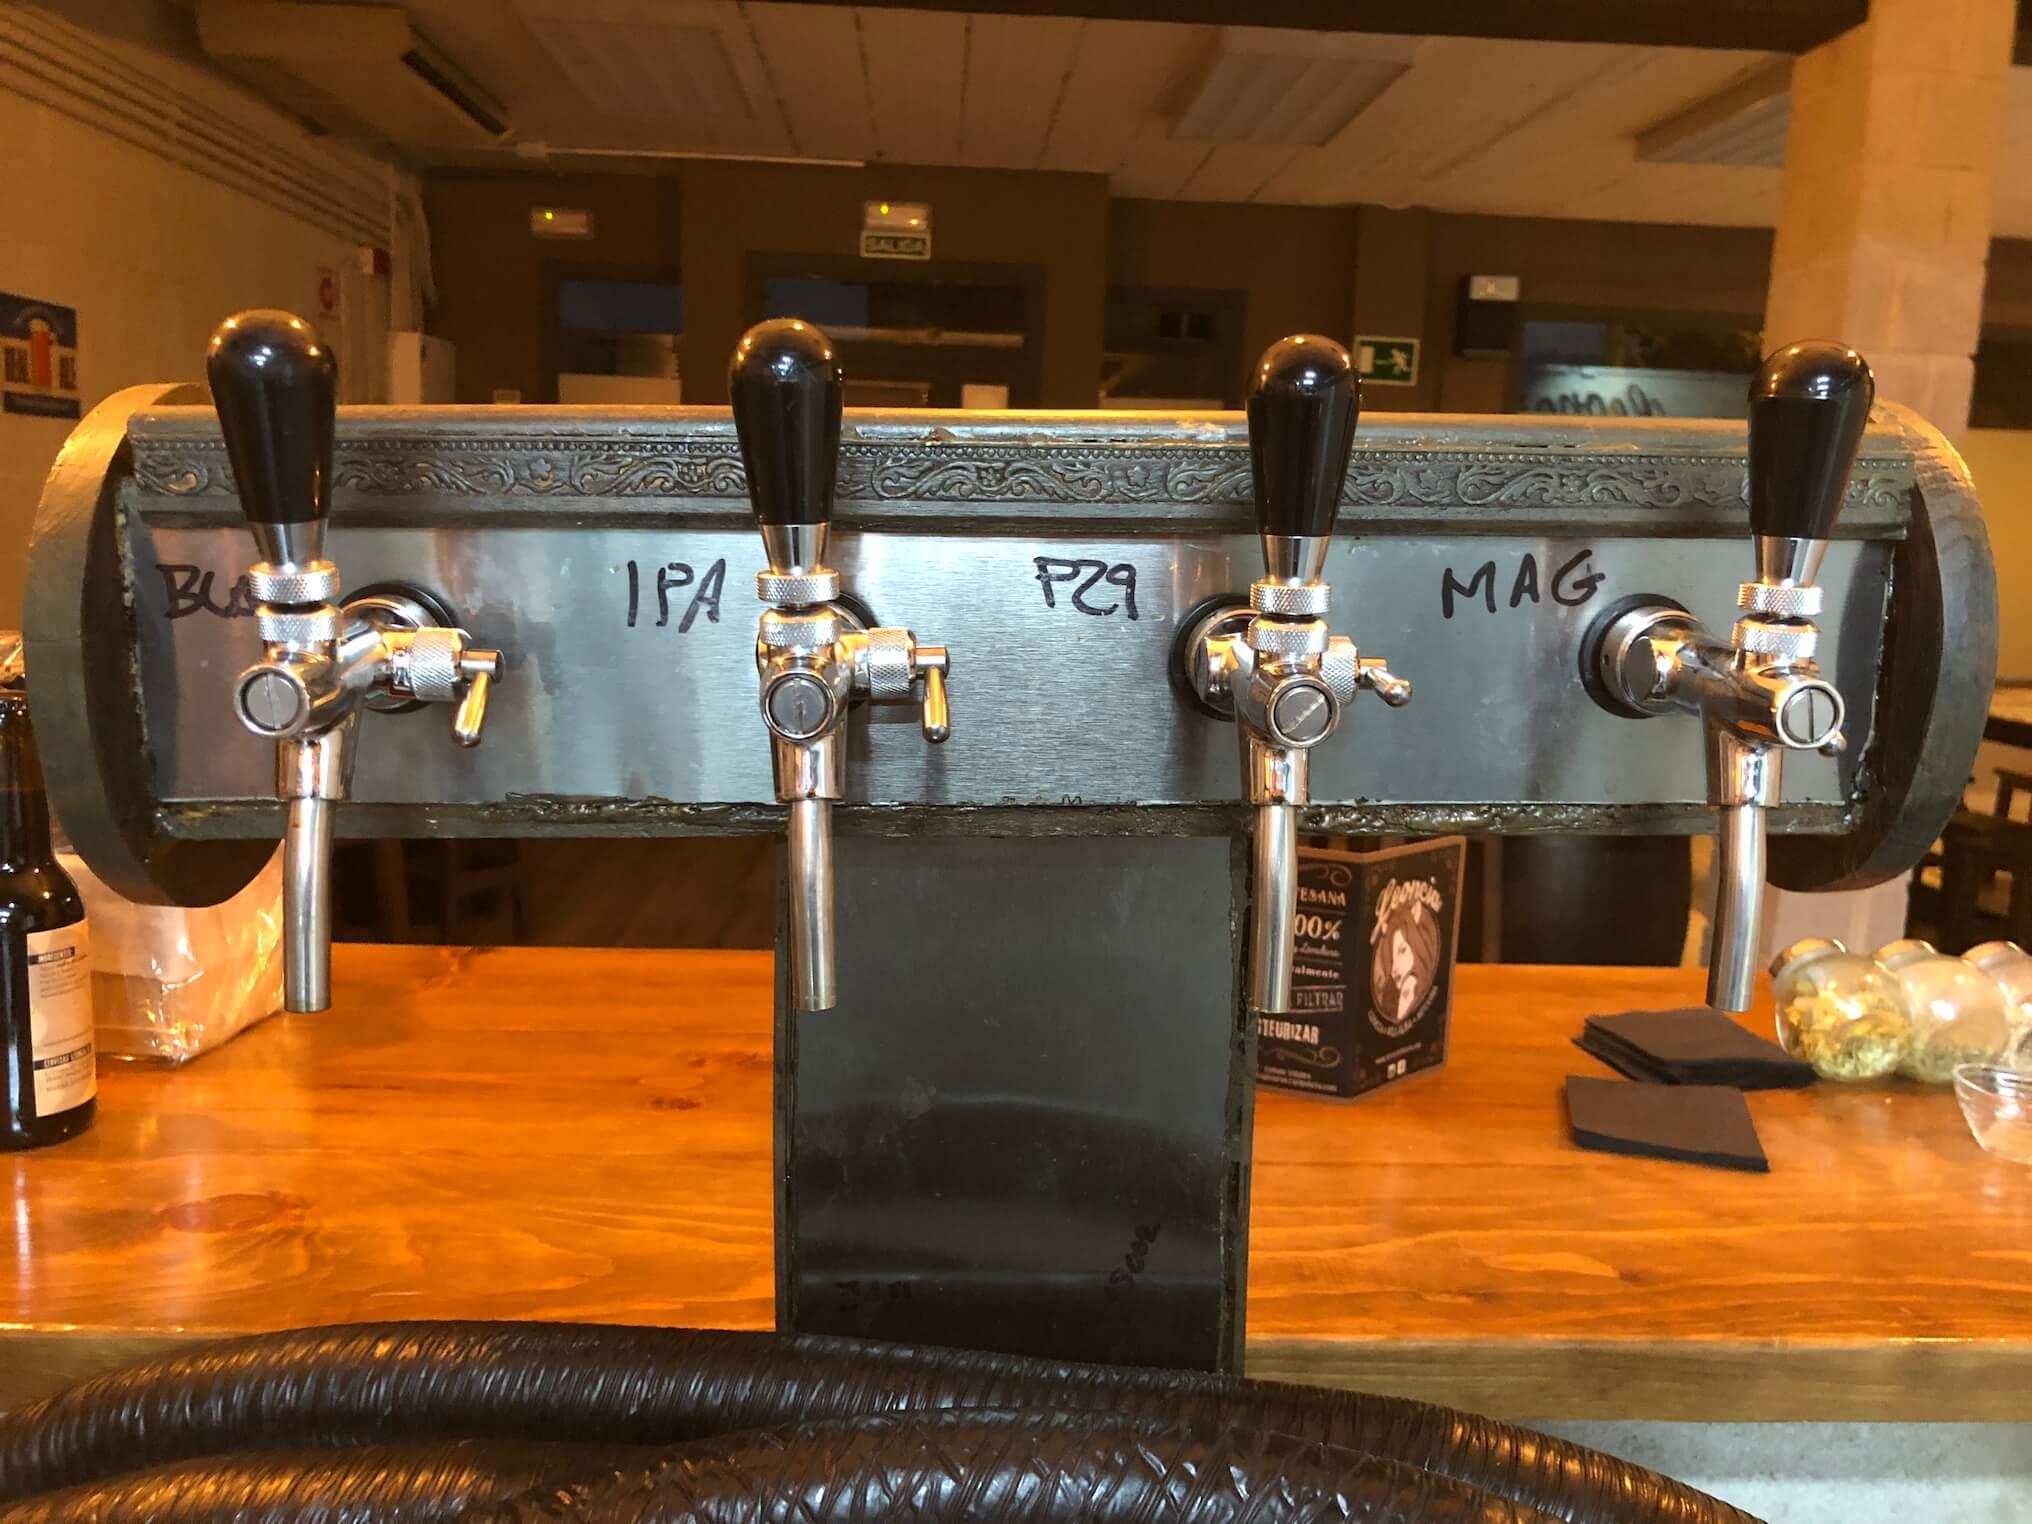 Grifos de cervezas artesanas en la barra de la Fábrica de Cervezas artesanas Leonca en el Polígono P29 de Collado Villalba